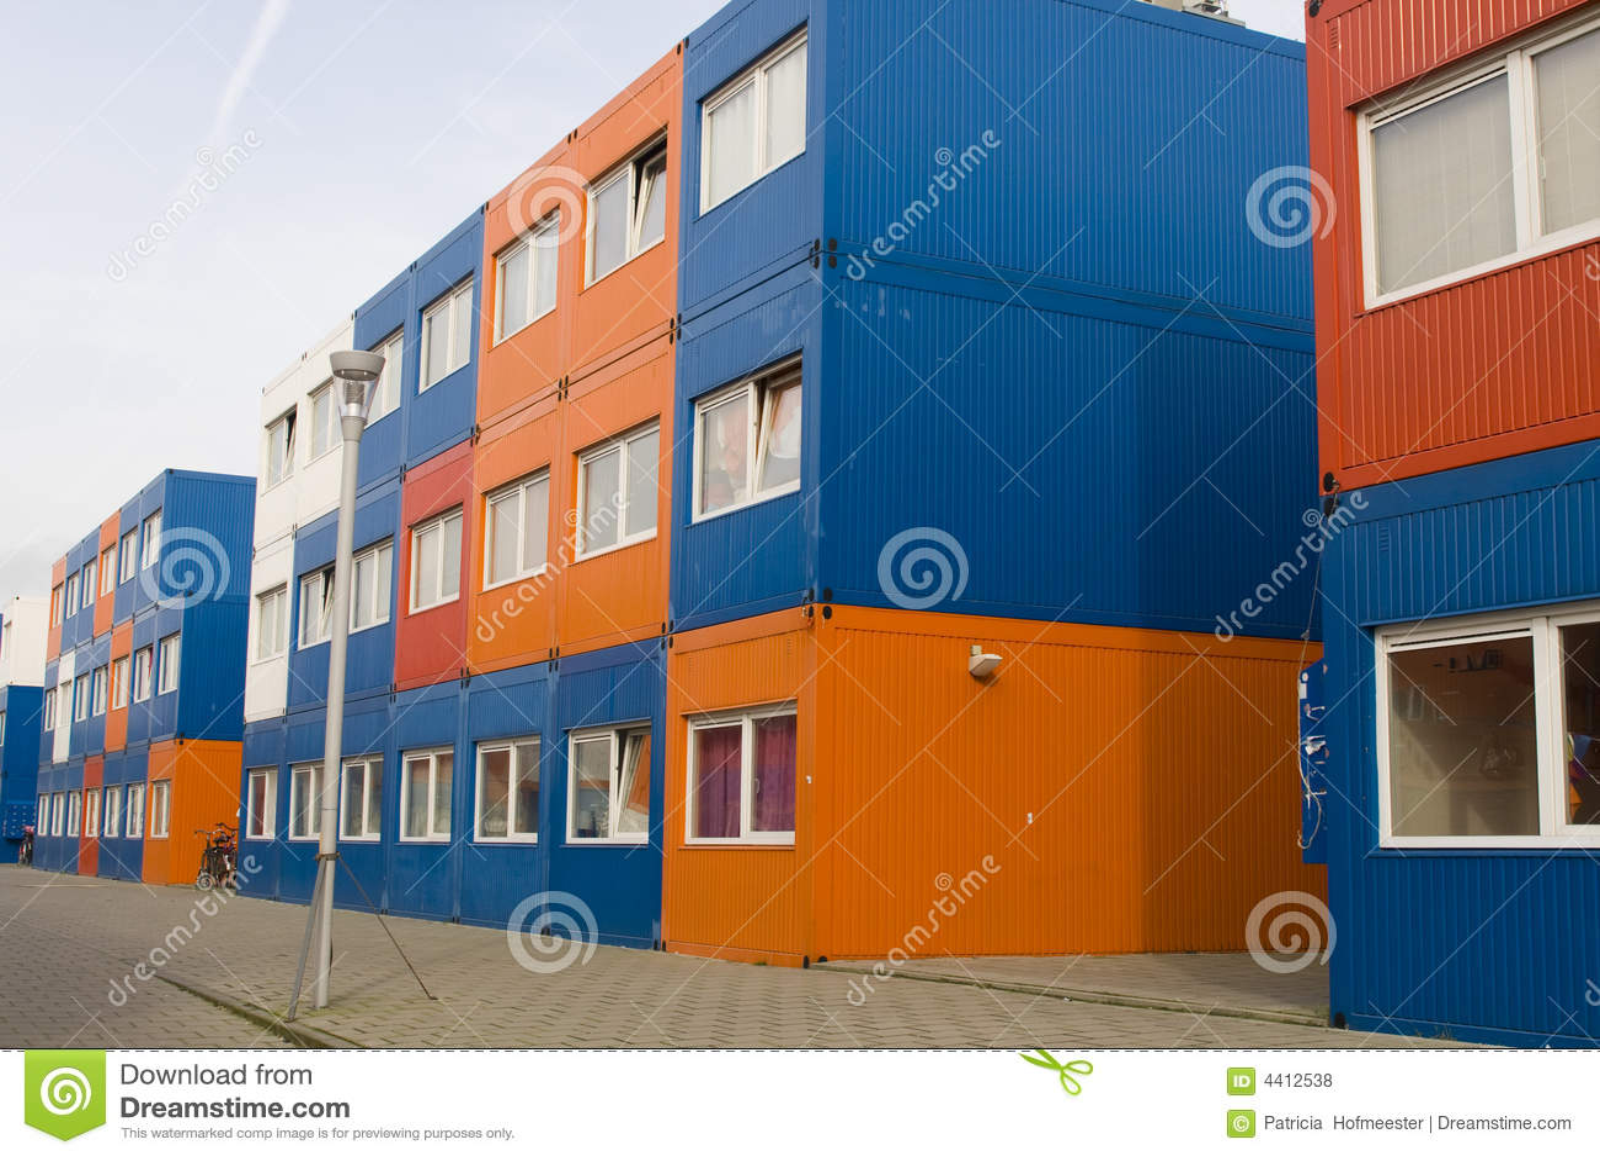 Contenedores para mercanc as coloridos usados como casas - Contenedores como casa ...